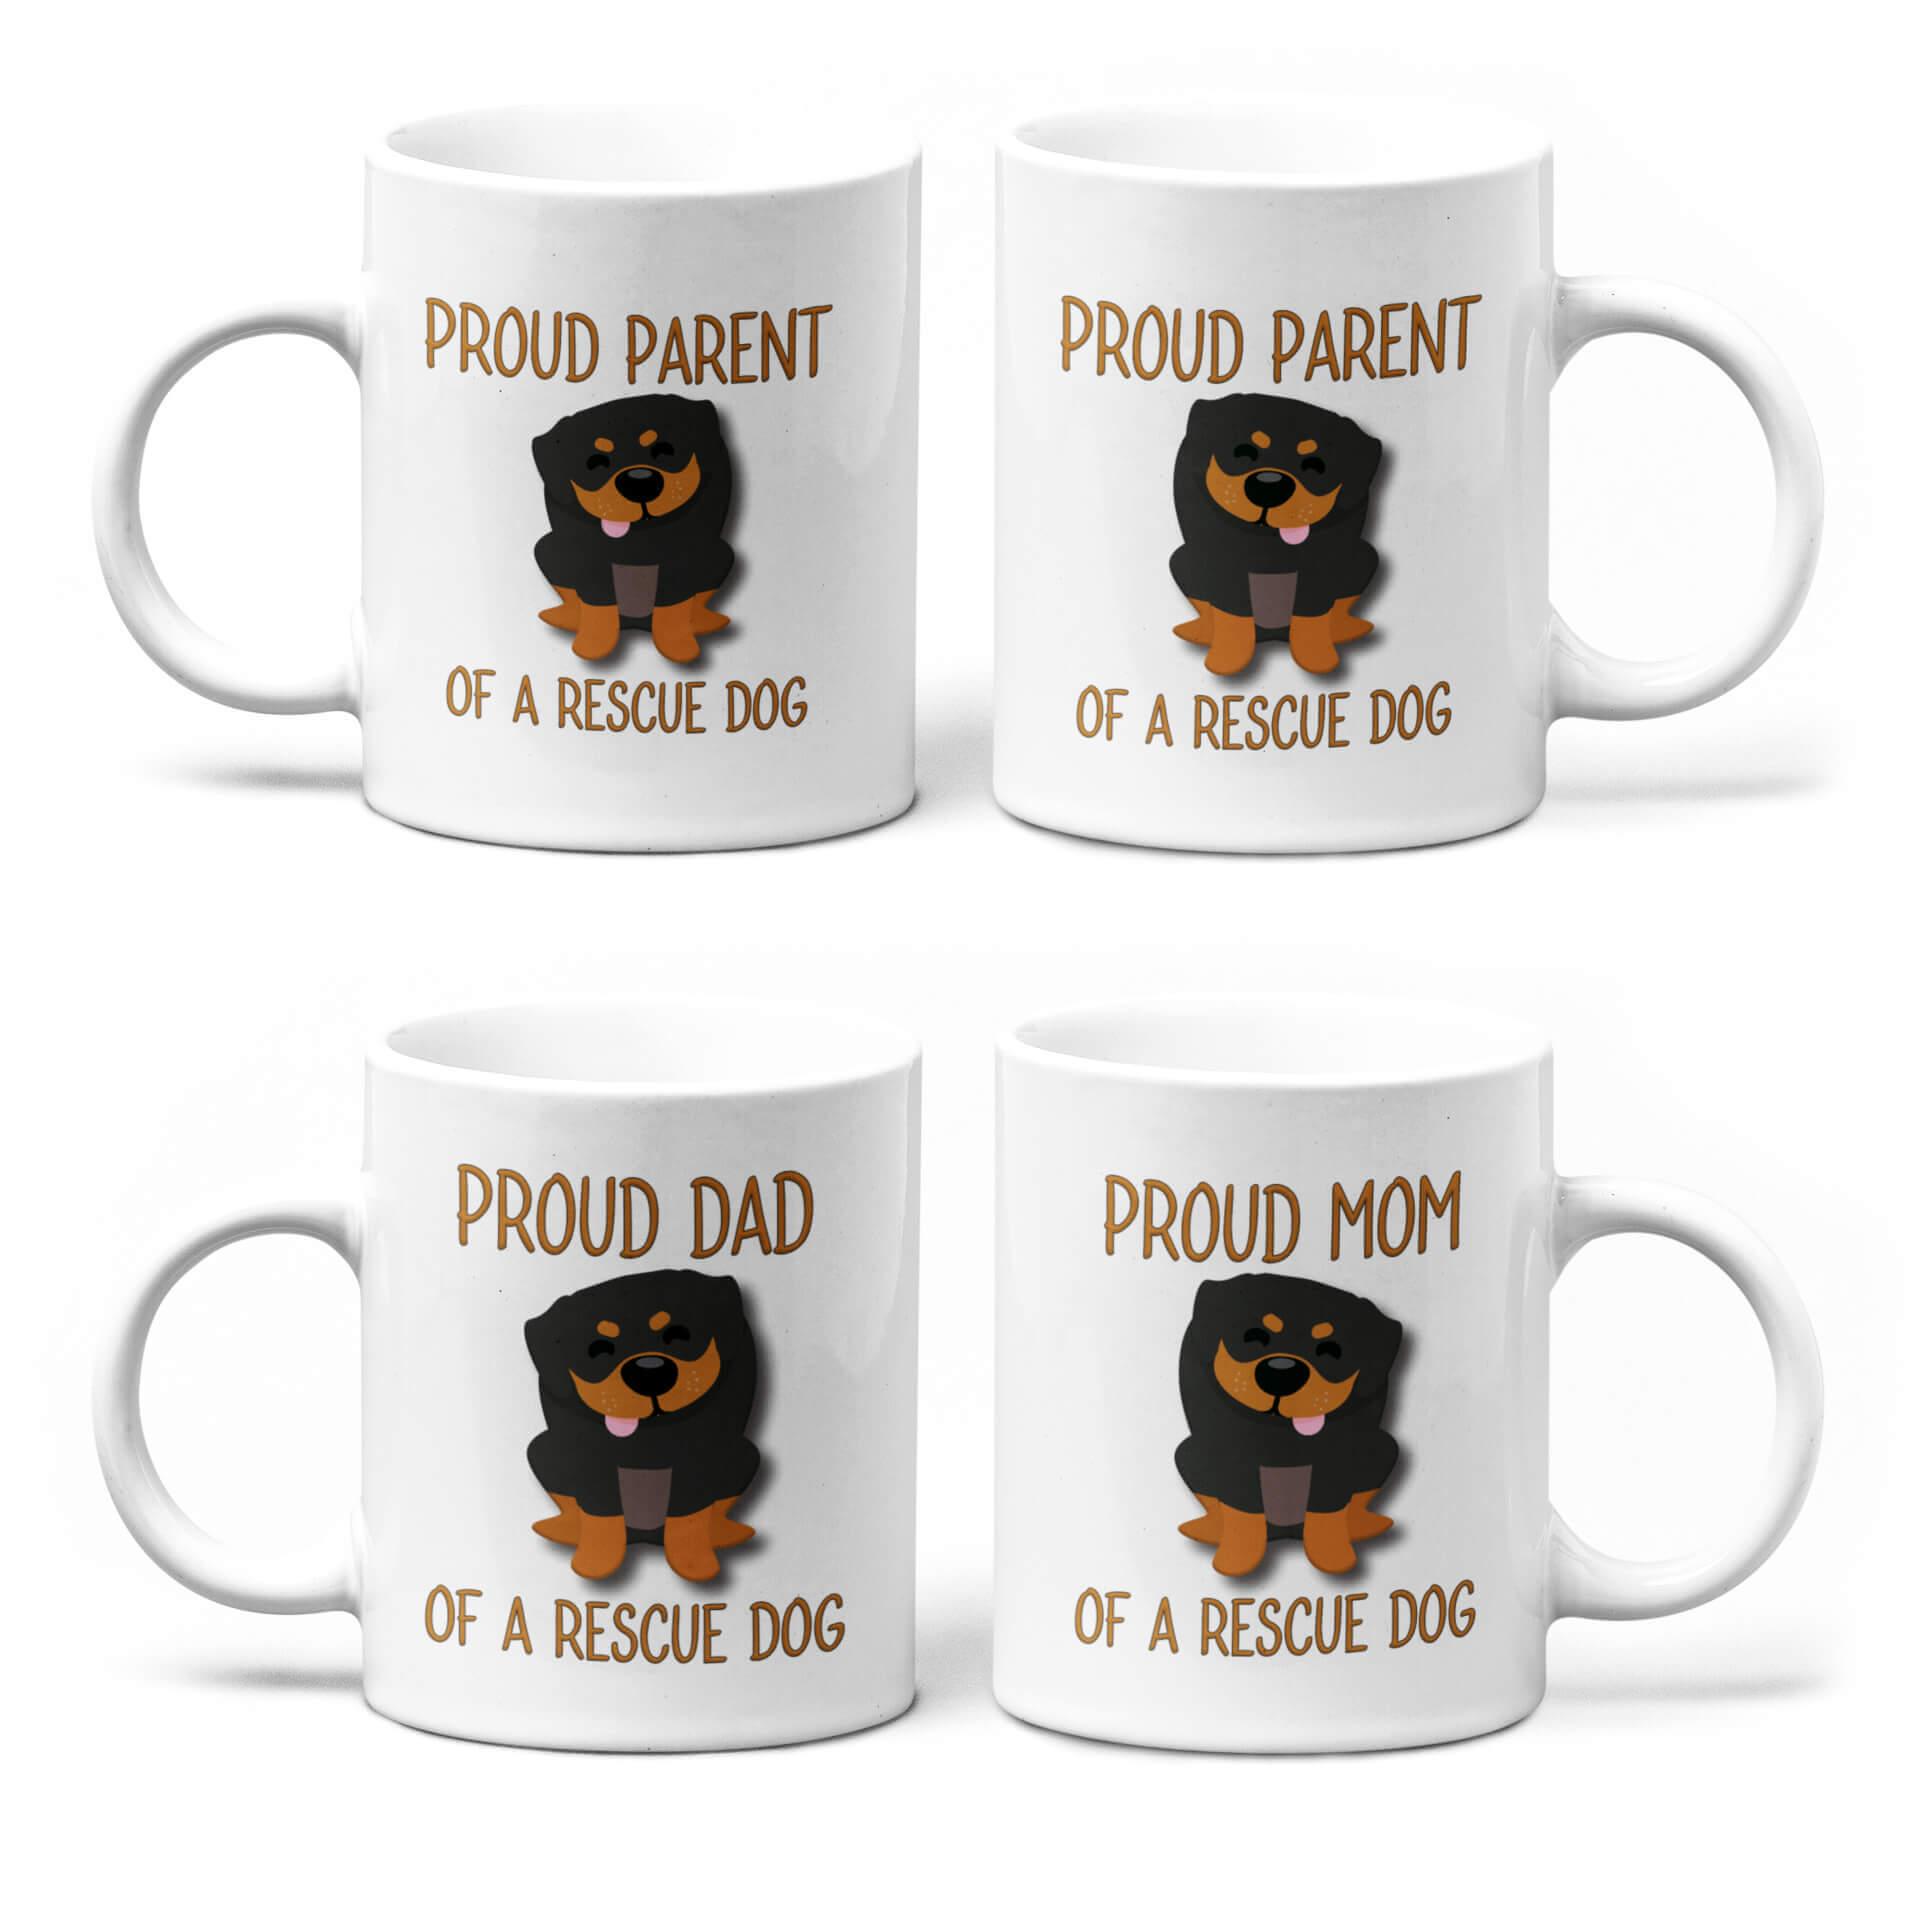 Proud Parent of a Rescue Dog Mug